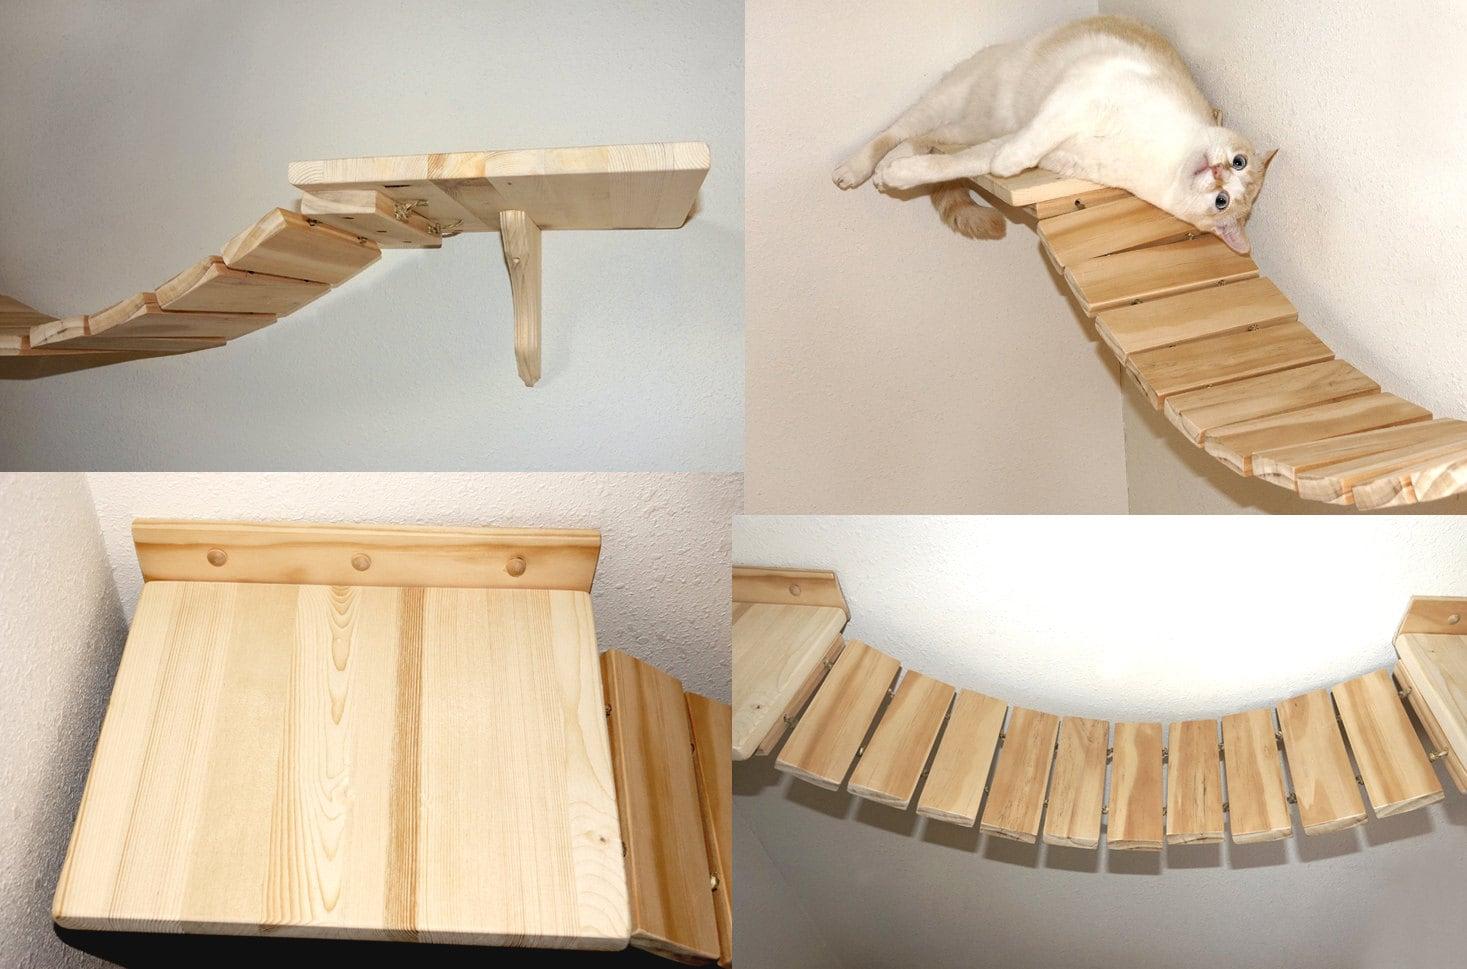 Cat Bridge Cat Boardwalk Cat Walkway Cat Shelves Cat Wall